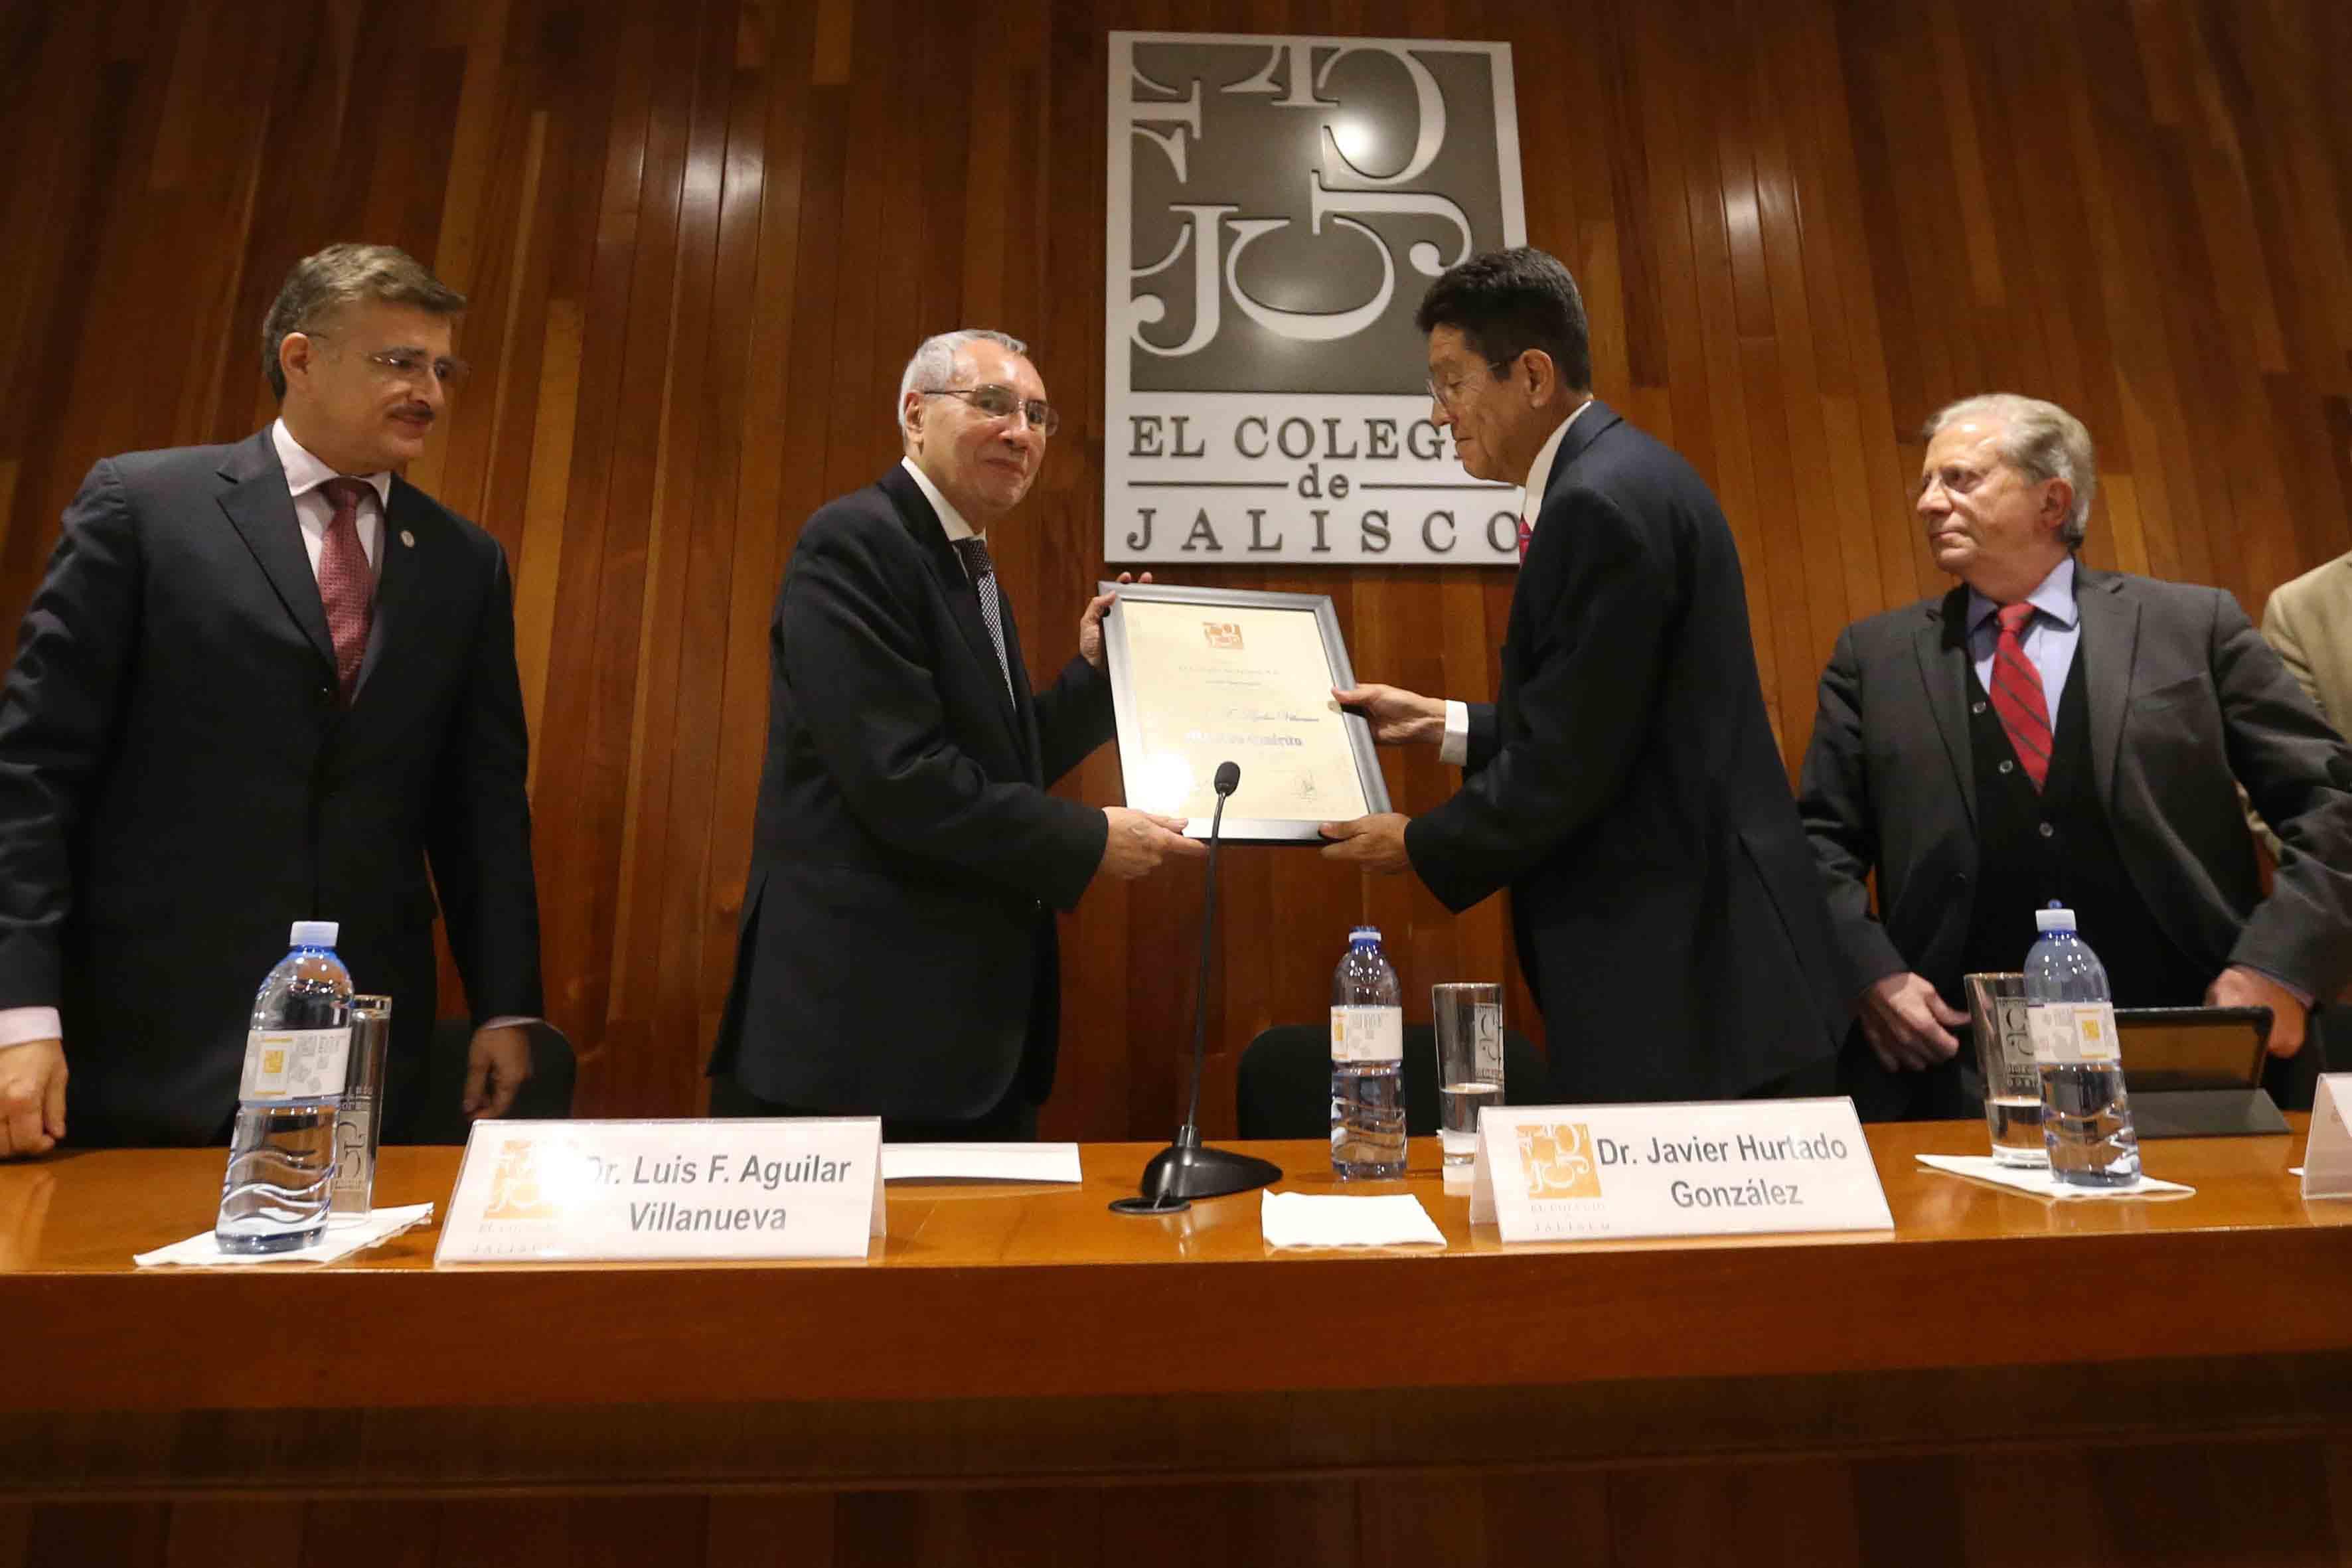 Ceremonia de reconocimiento para el doctor Luis Fernando Aguilar Villanueva, por haber obtenido el grado de Maestro Emérito, por parte de El Colegio de Jalisco.